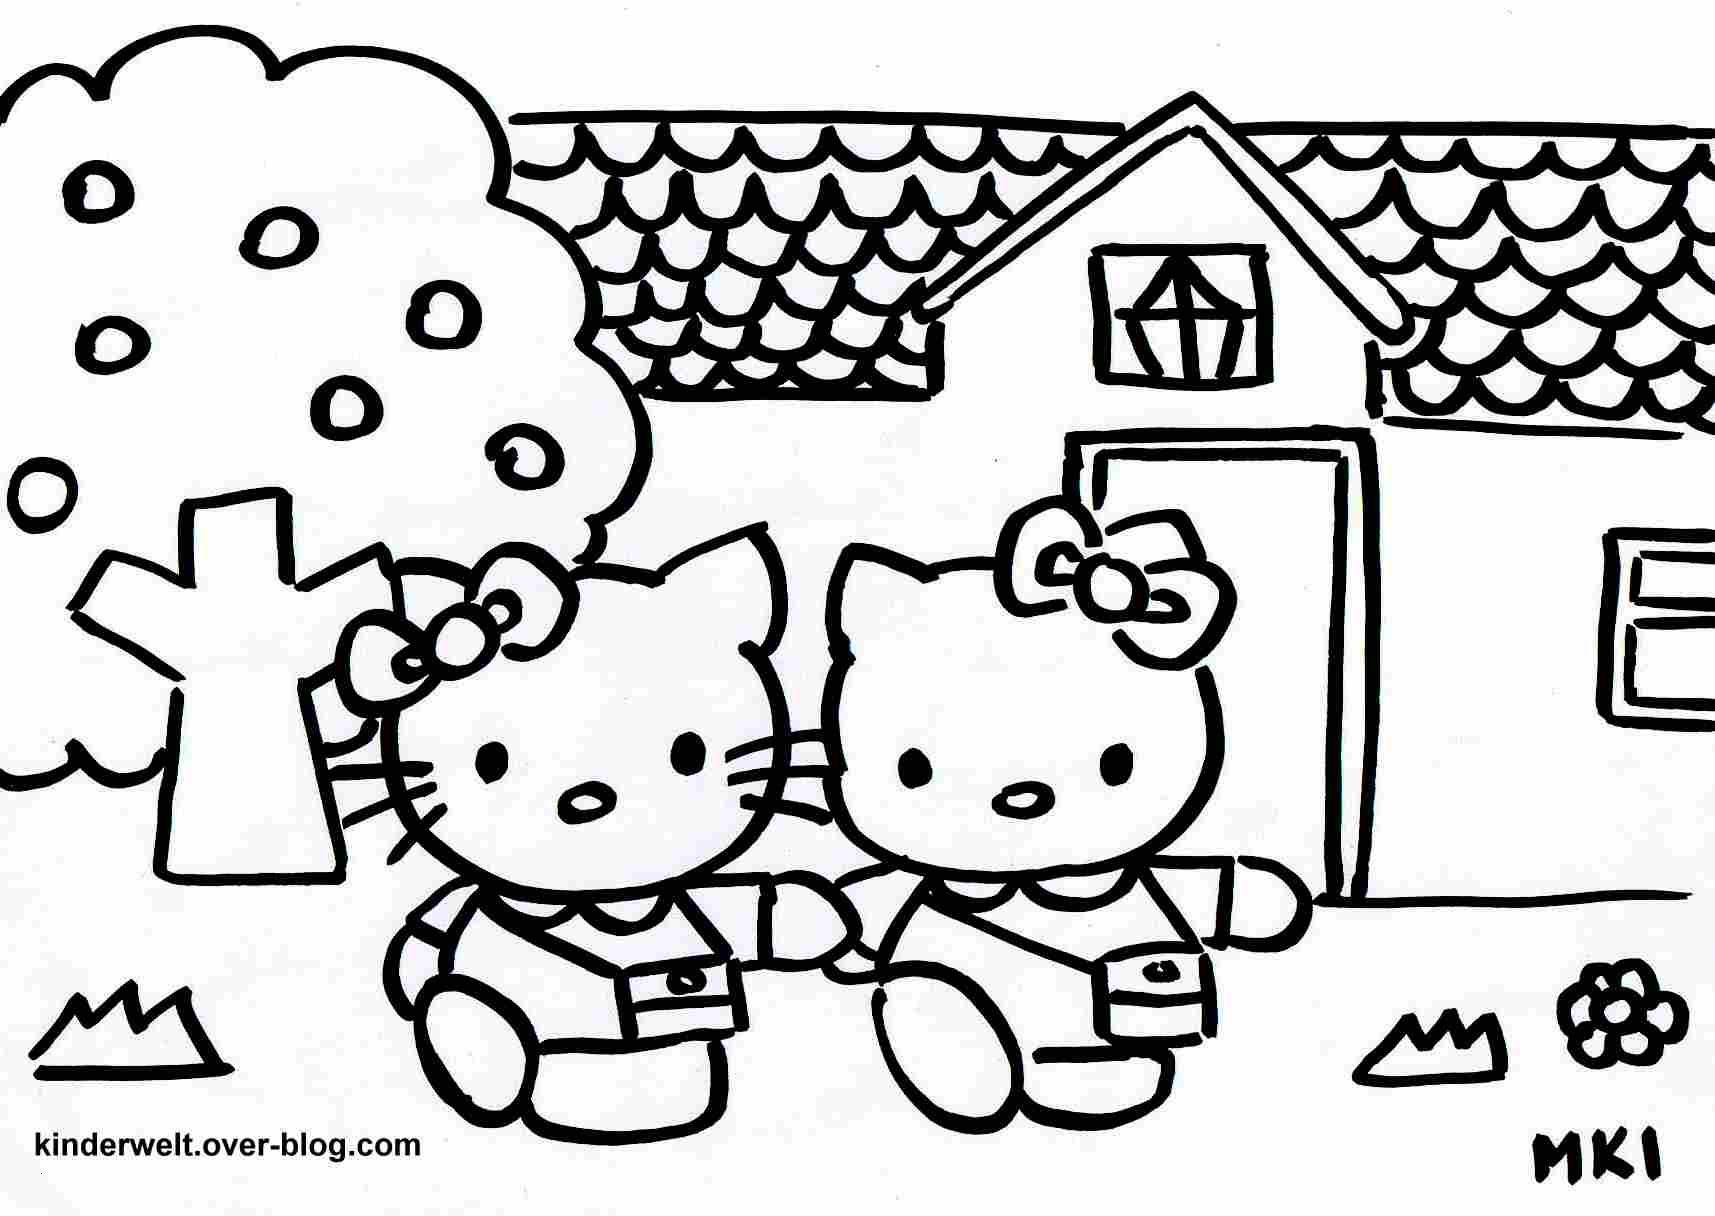 Totenkopf Bilder Zum Ausdrucken Kostenlos Genial Ausmalbilder Kitty Kostenlos Malvorlagen Zum Ausdrucken Inspirierend Fotos